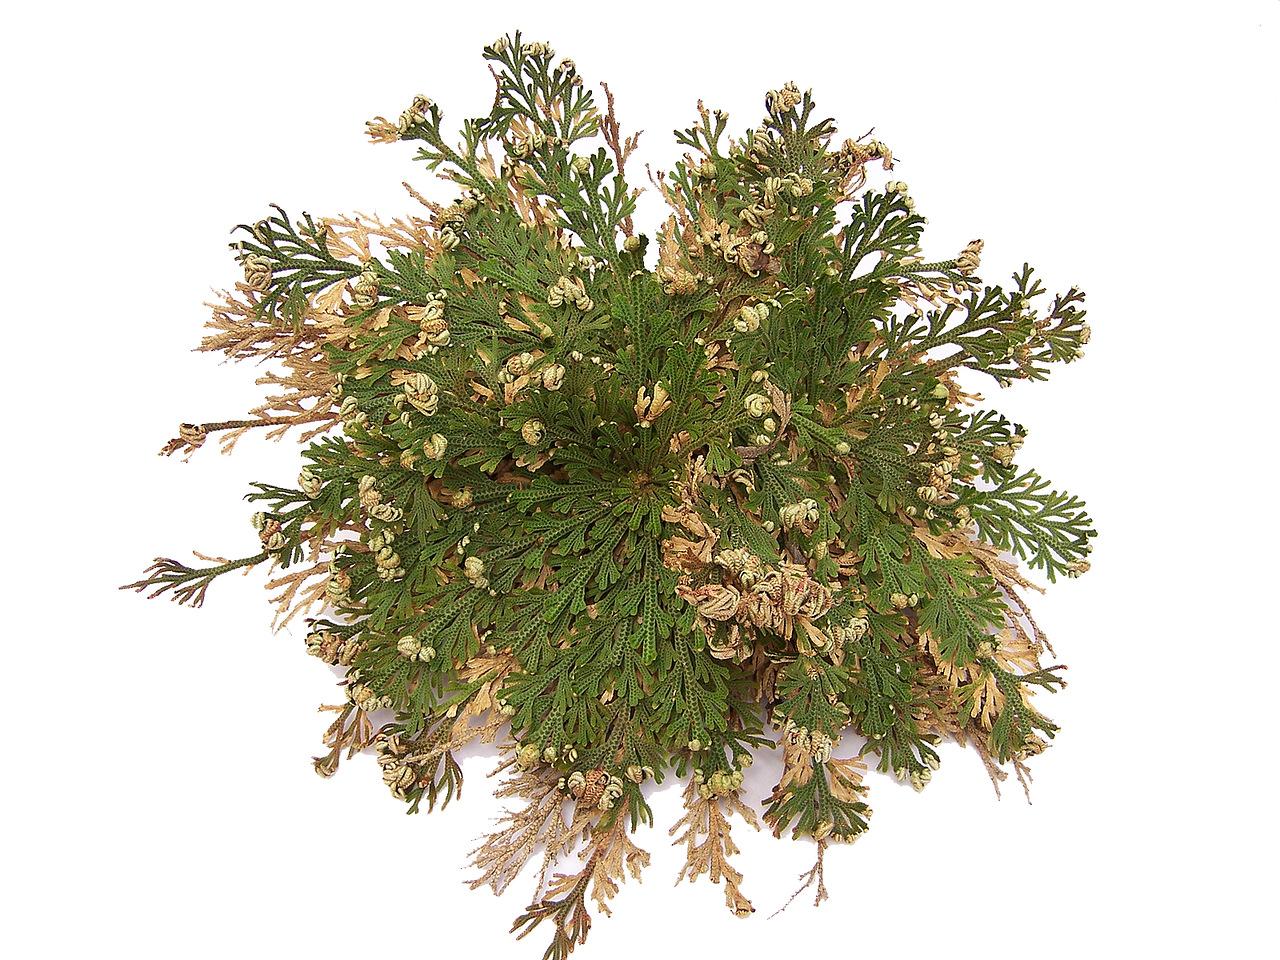 Selaginella lepidophylla Unechte Rose von Jericho Auferstehungs Moosfarn Moosfarngewächse Selaginellaceae 05